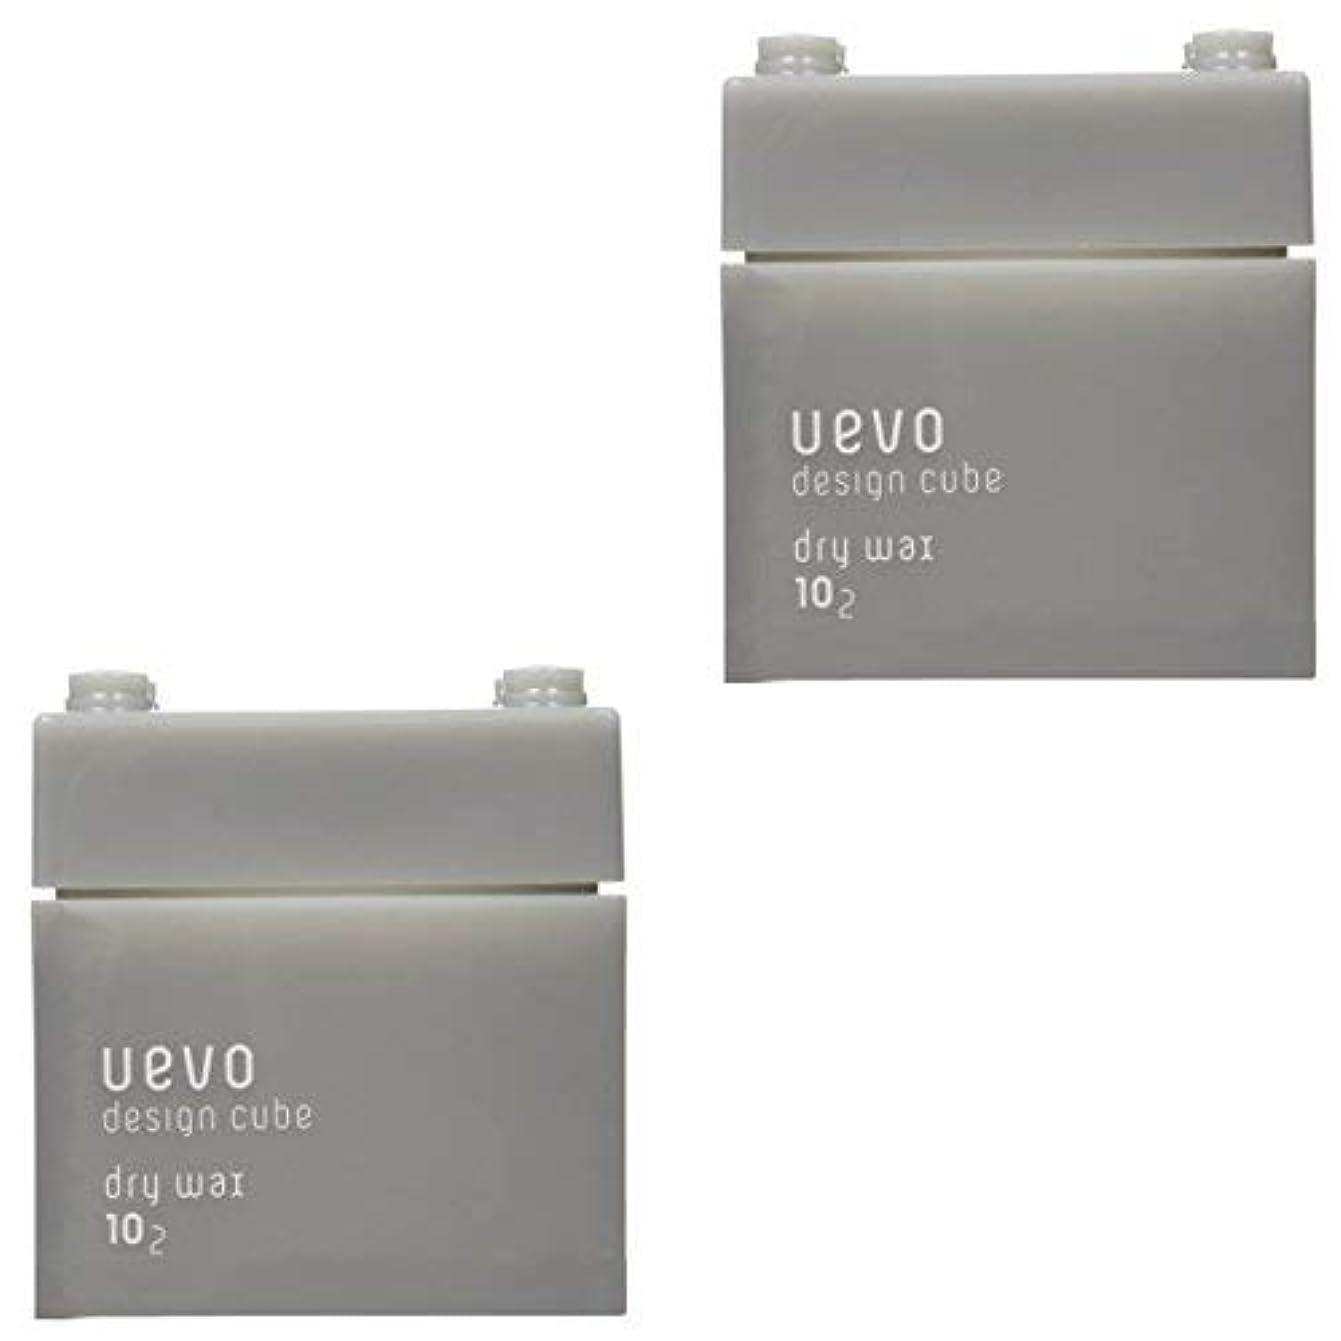 豊富な健康的意識的【X2個セット】 デミ ウェーボ デザインキューブ ドライワックス 80g dry wax DEMI uevo design cube